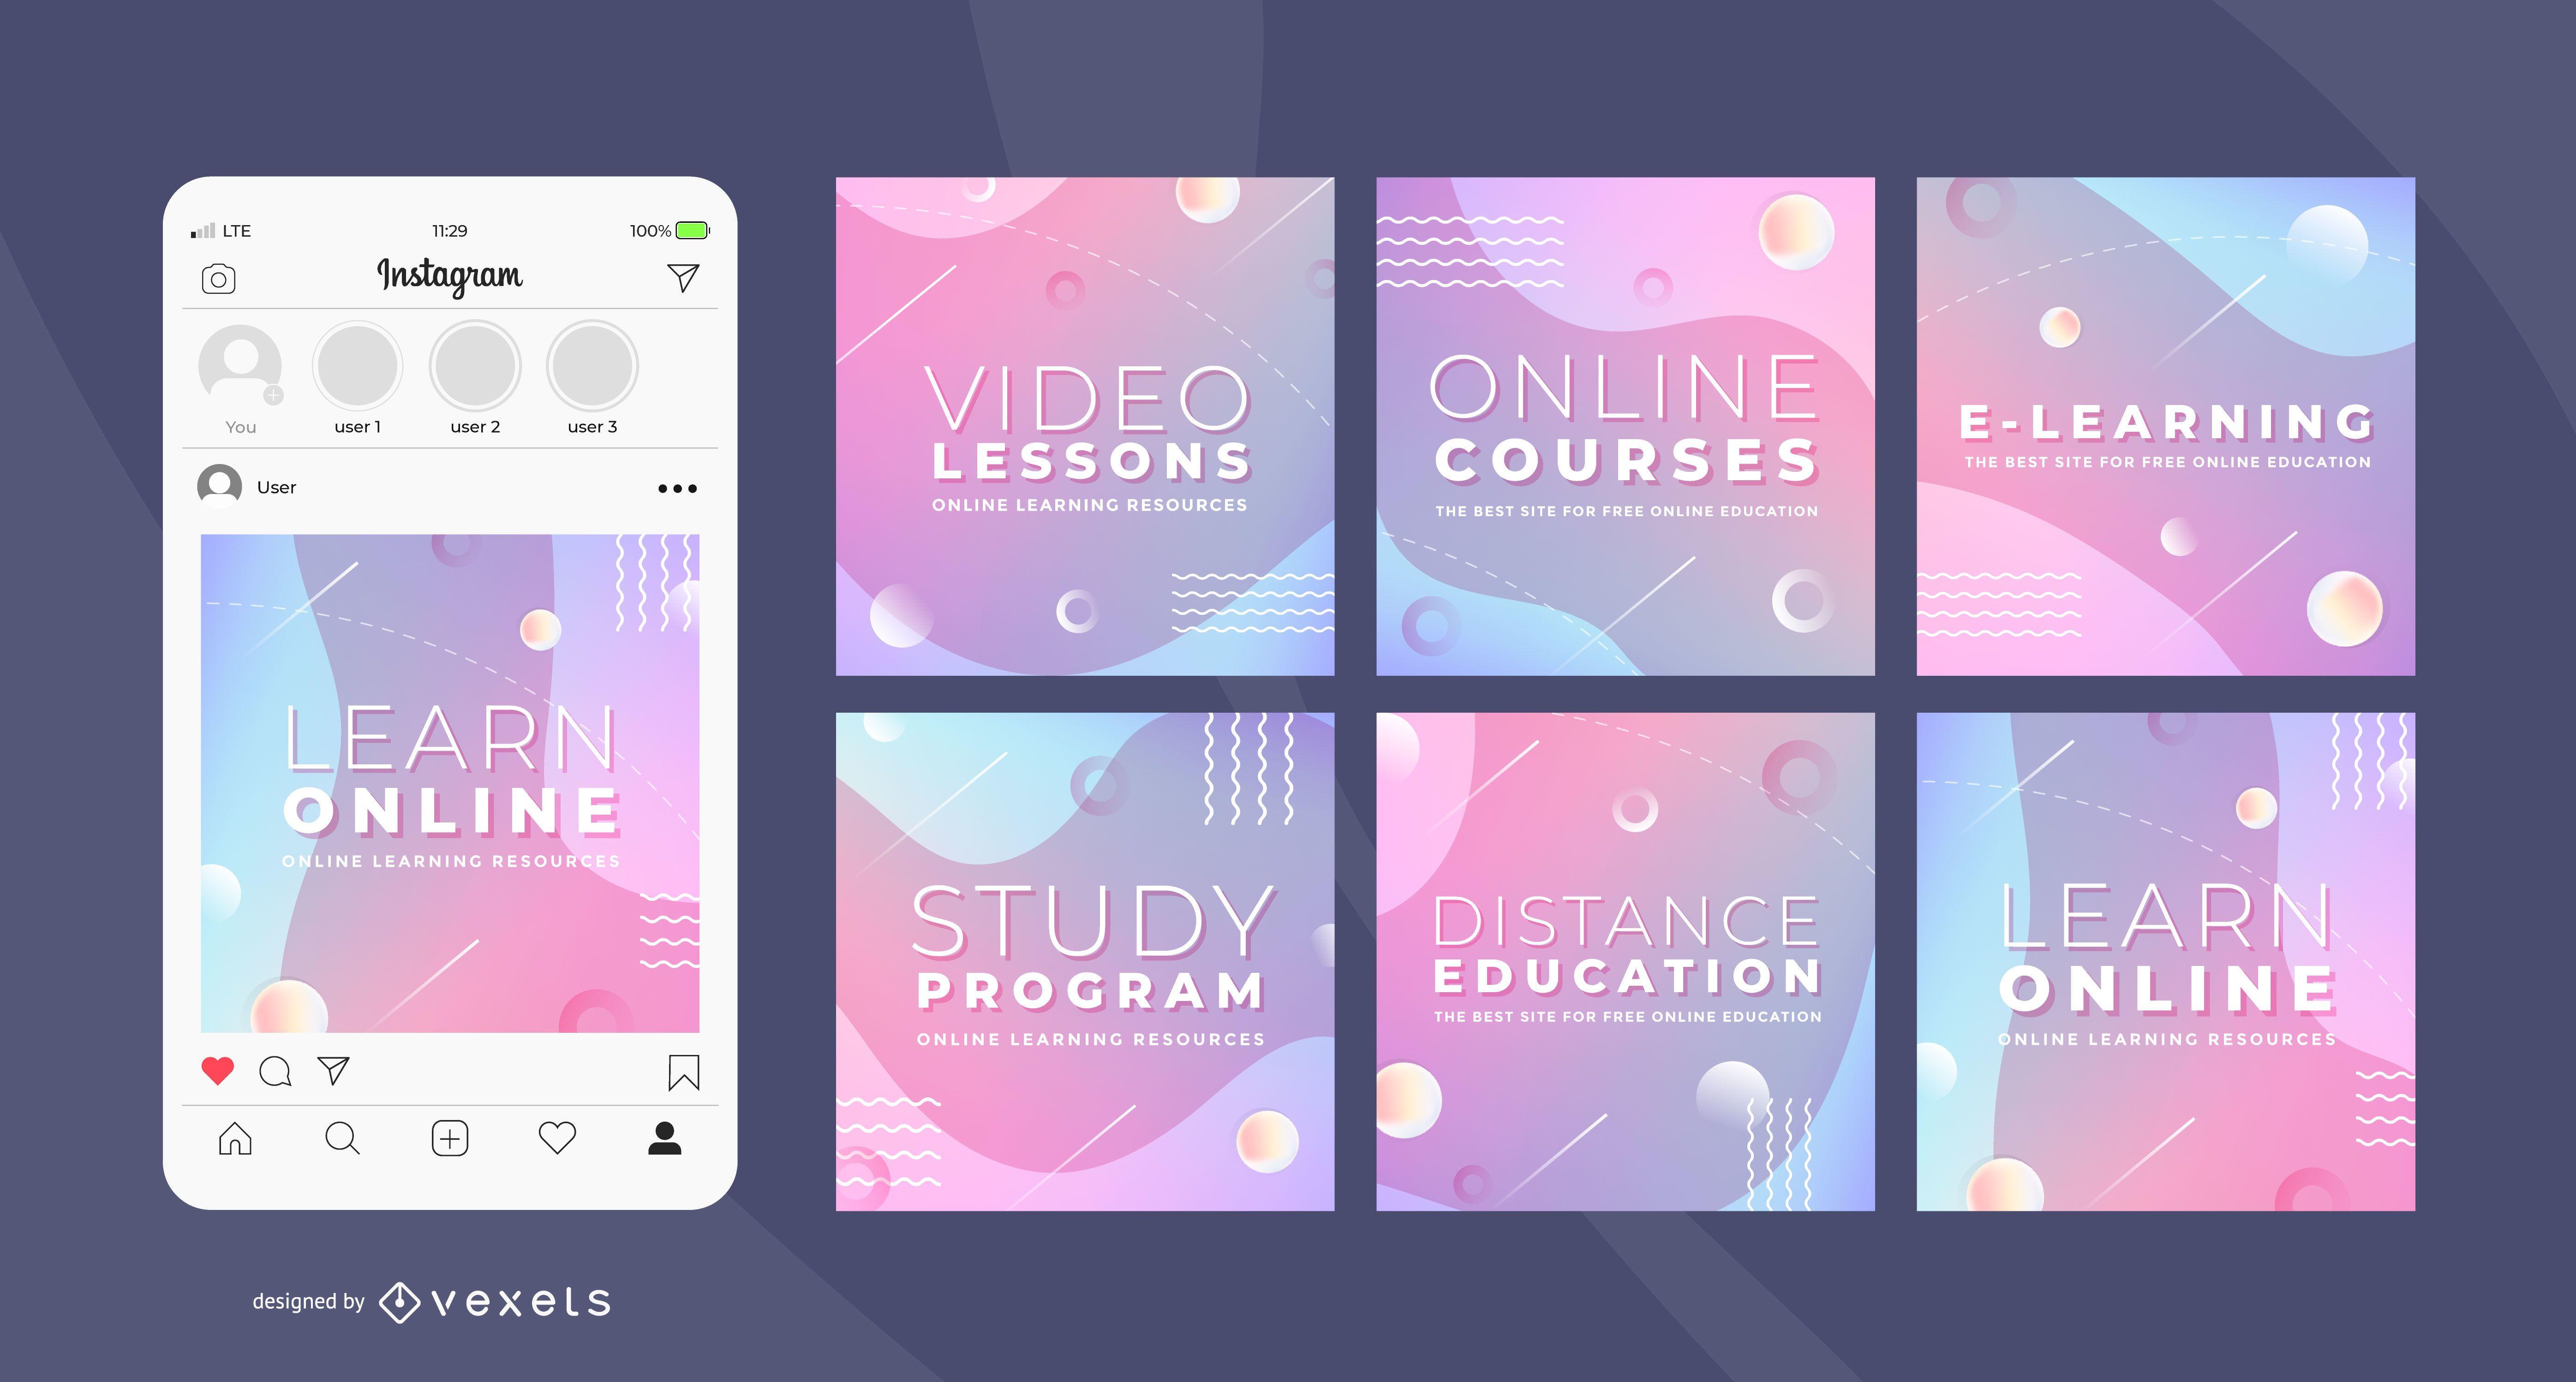 Modelos de mídias sociais de cursos online